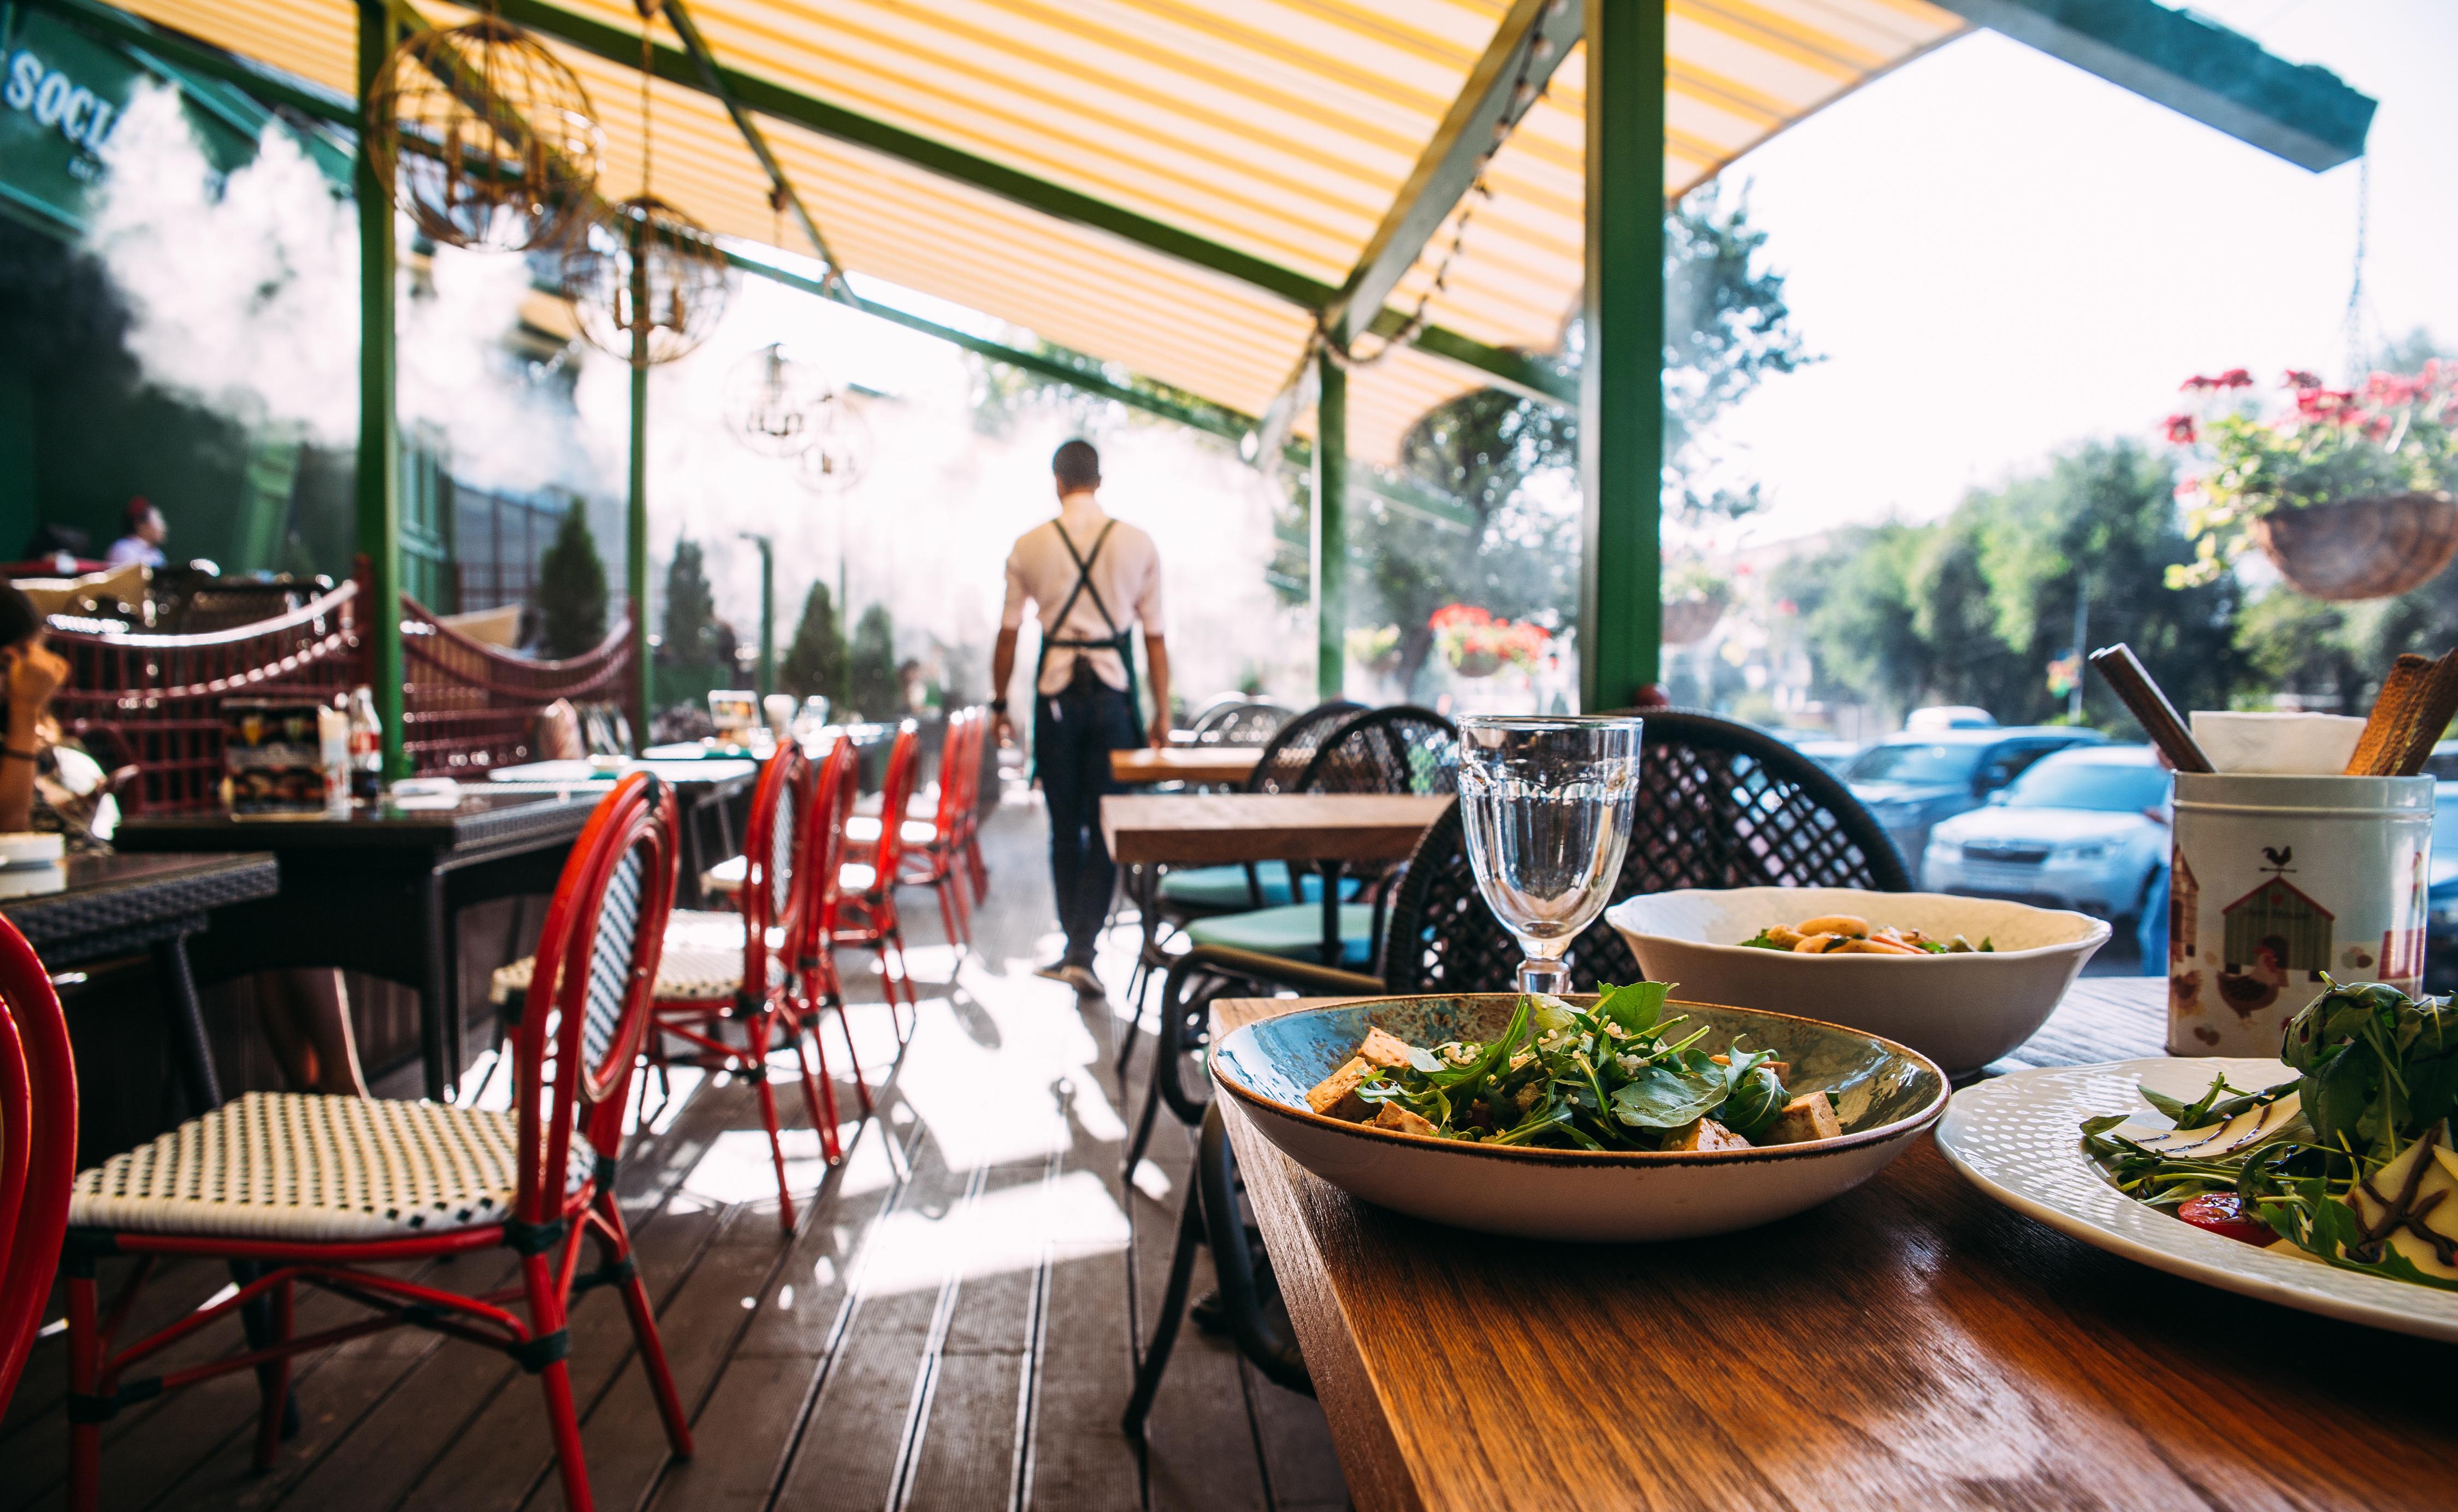 best restaurants in richmond, va